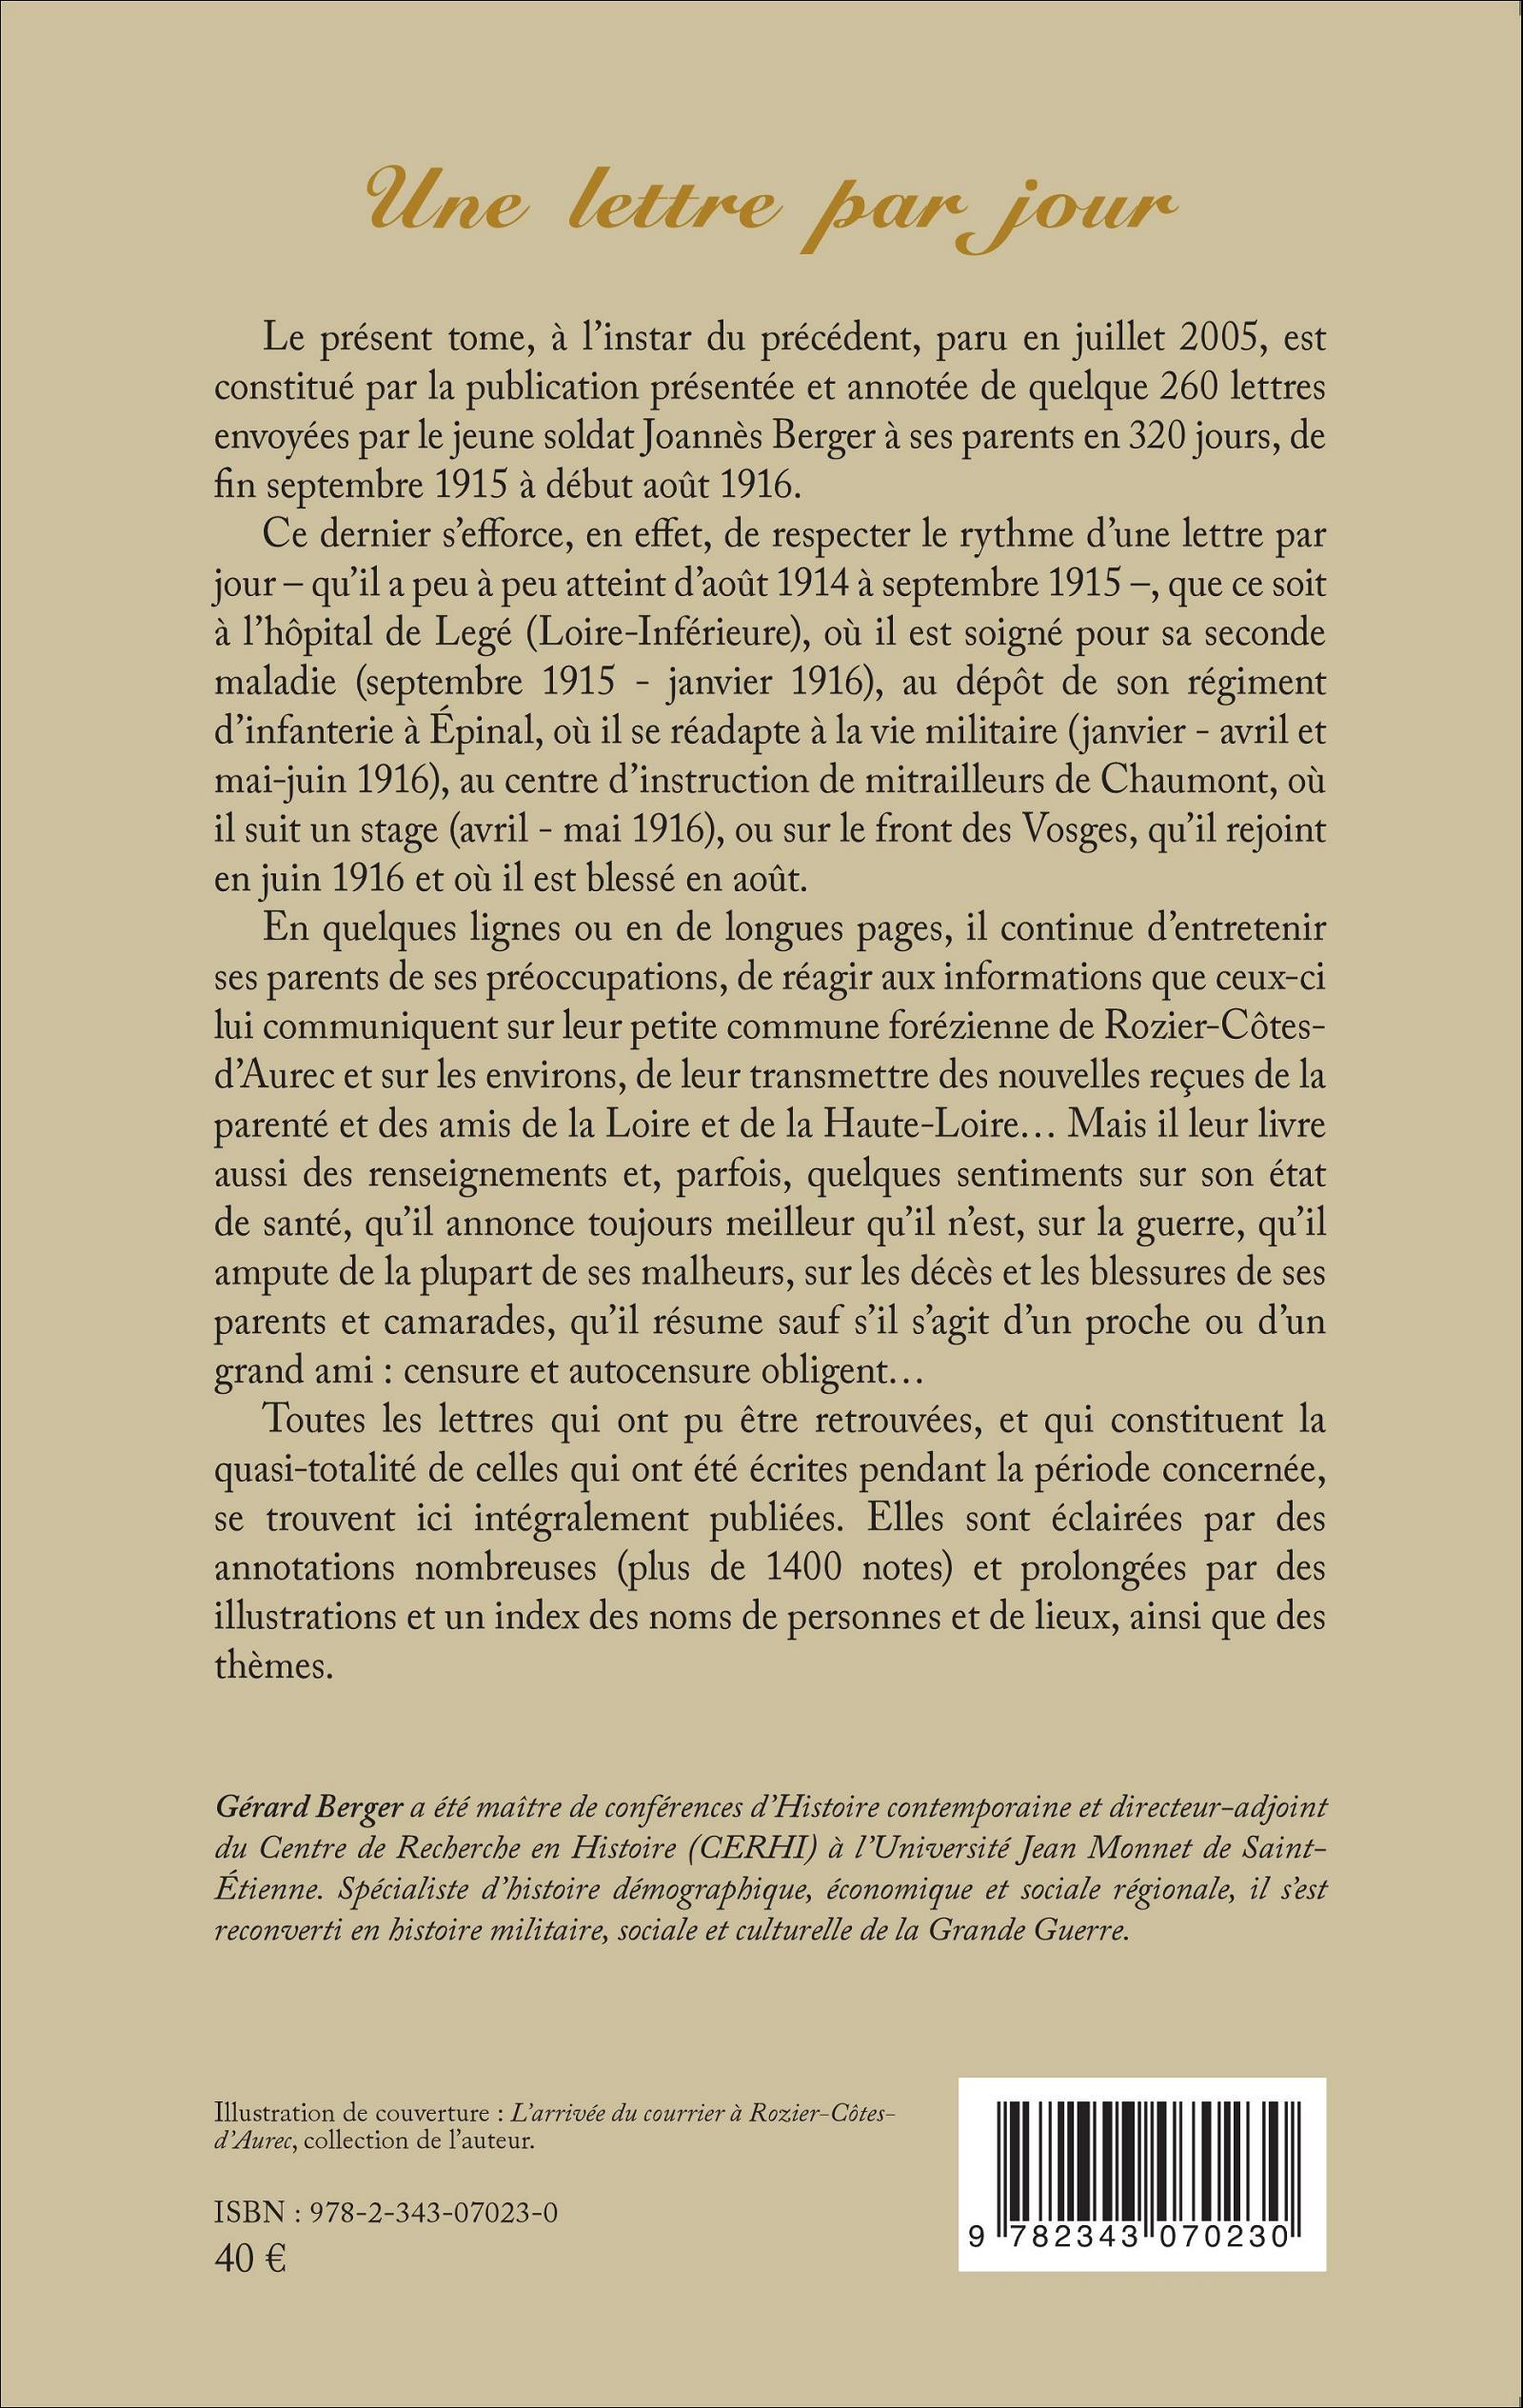 Une lettre par jour correspondance de joann s berger for Catalogue de plantes par correspondance